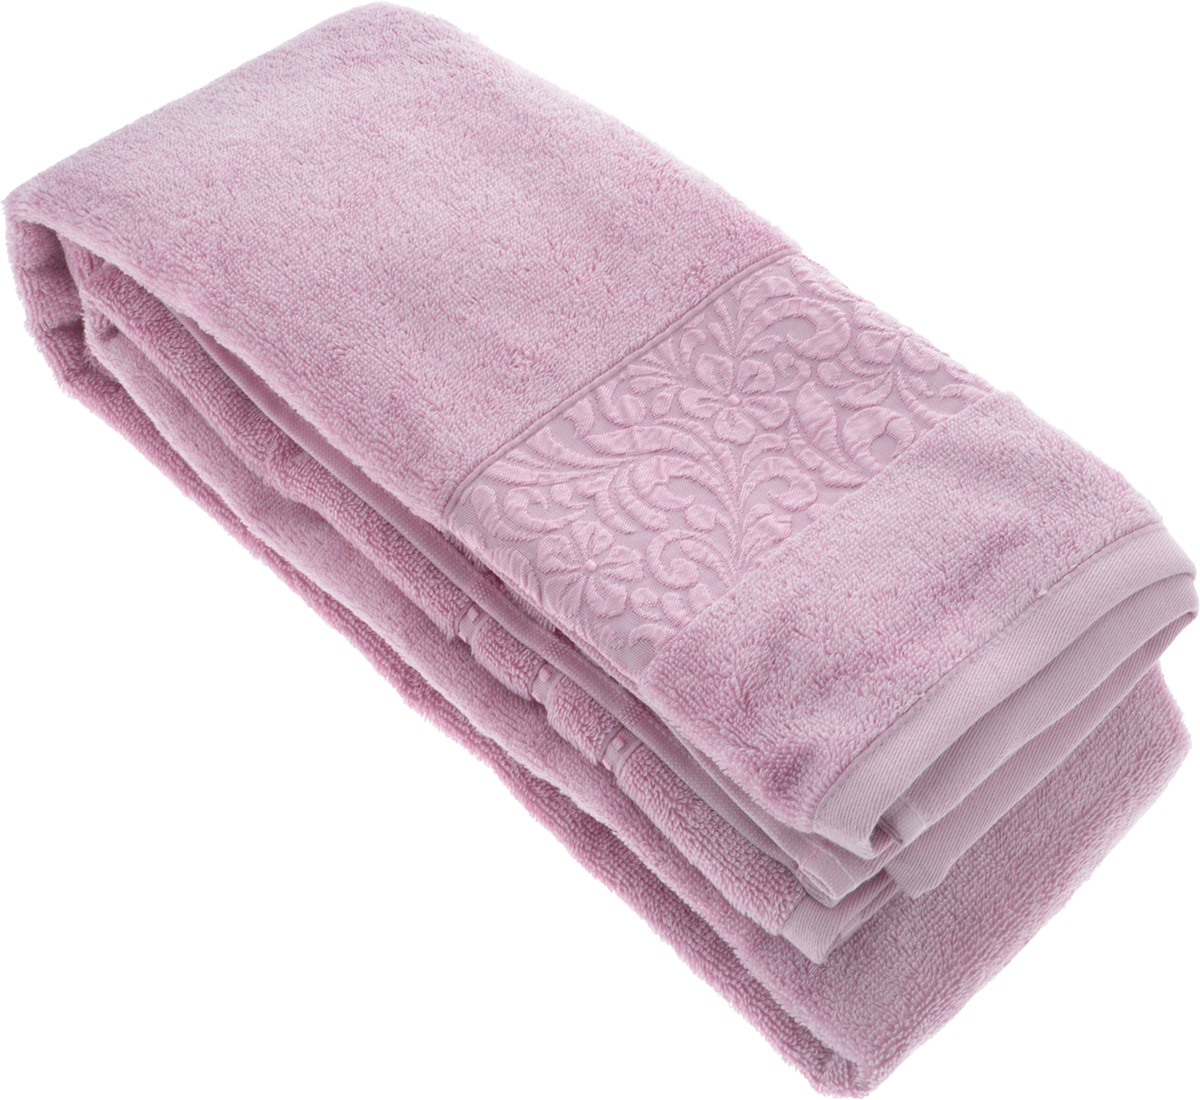 Полотенце бамбуковое Issimo Home Valencia, цвет: светло-пурпурный, 90 x 150 см531-105Полотенце Issimo Home Valencia выполнено из 60% бамбукового волокна и 40% хлопка. Таким полотенцем не нужно вытираться - только коснитесь кожи - и ткань сама все впитает. Такая ткань впитывает в 3 раза лучше, чем хлопок.Несмотря на богатую плотность и высокую петлю полотенца, оно быстро сохнет, остается легким даже при намокании.Бамбуковое полотенце имеет красивый жаккардовый бордюр, выполненный с орнаментом в цвет полотенца. Благородный, классический тон создаст уют и подчеркнет лучшие качества махровой ткани, а сочный, яркий, летний оттенок создаст ощущение праздника и наполнит дом энергией. Красивая, стильная упаковка этого полотенца делает его уже готовым подарком к любому случаю.